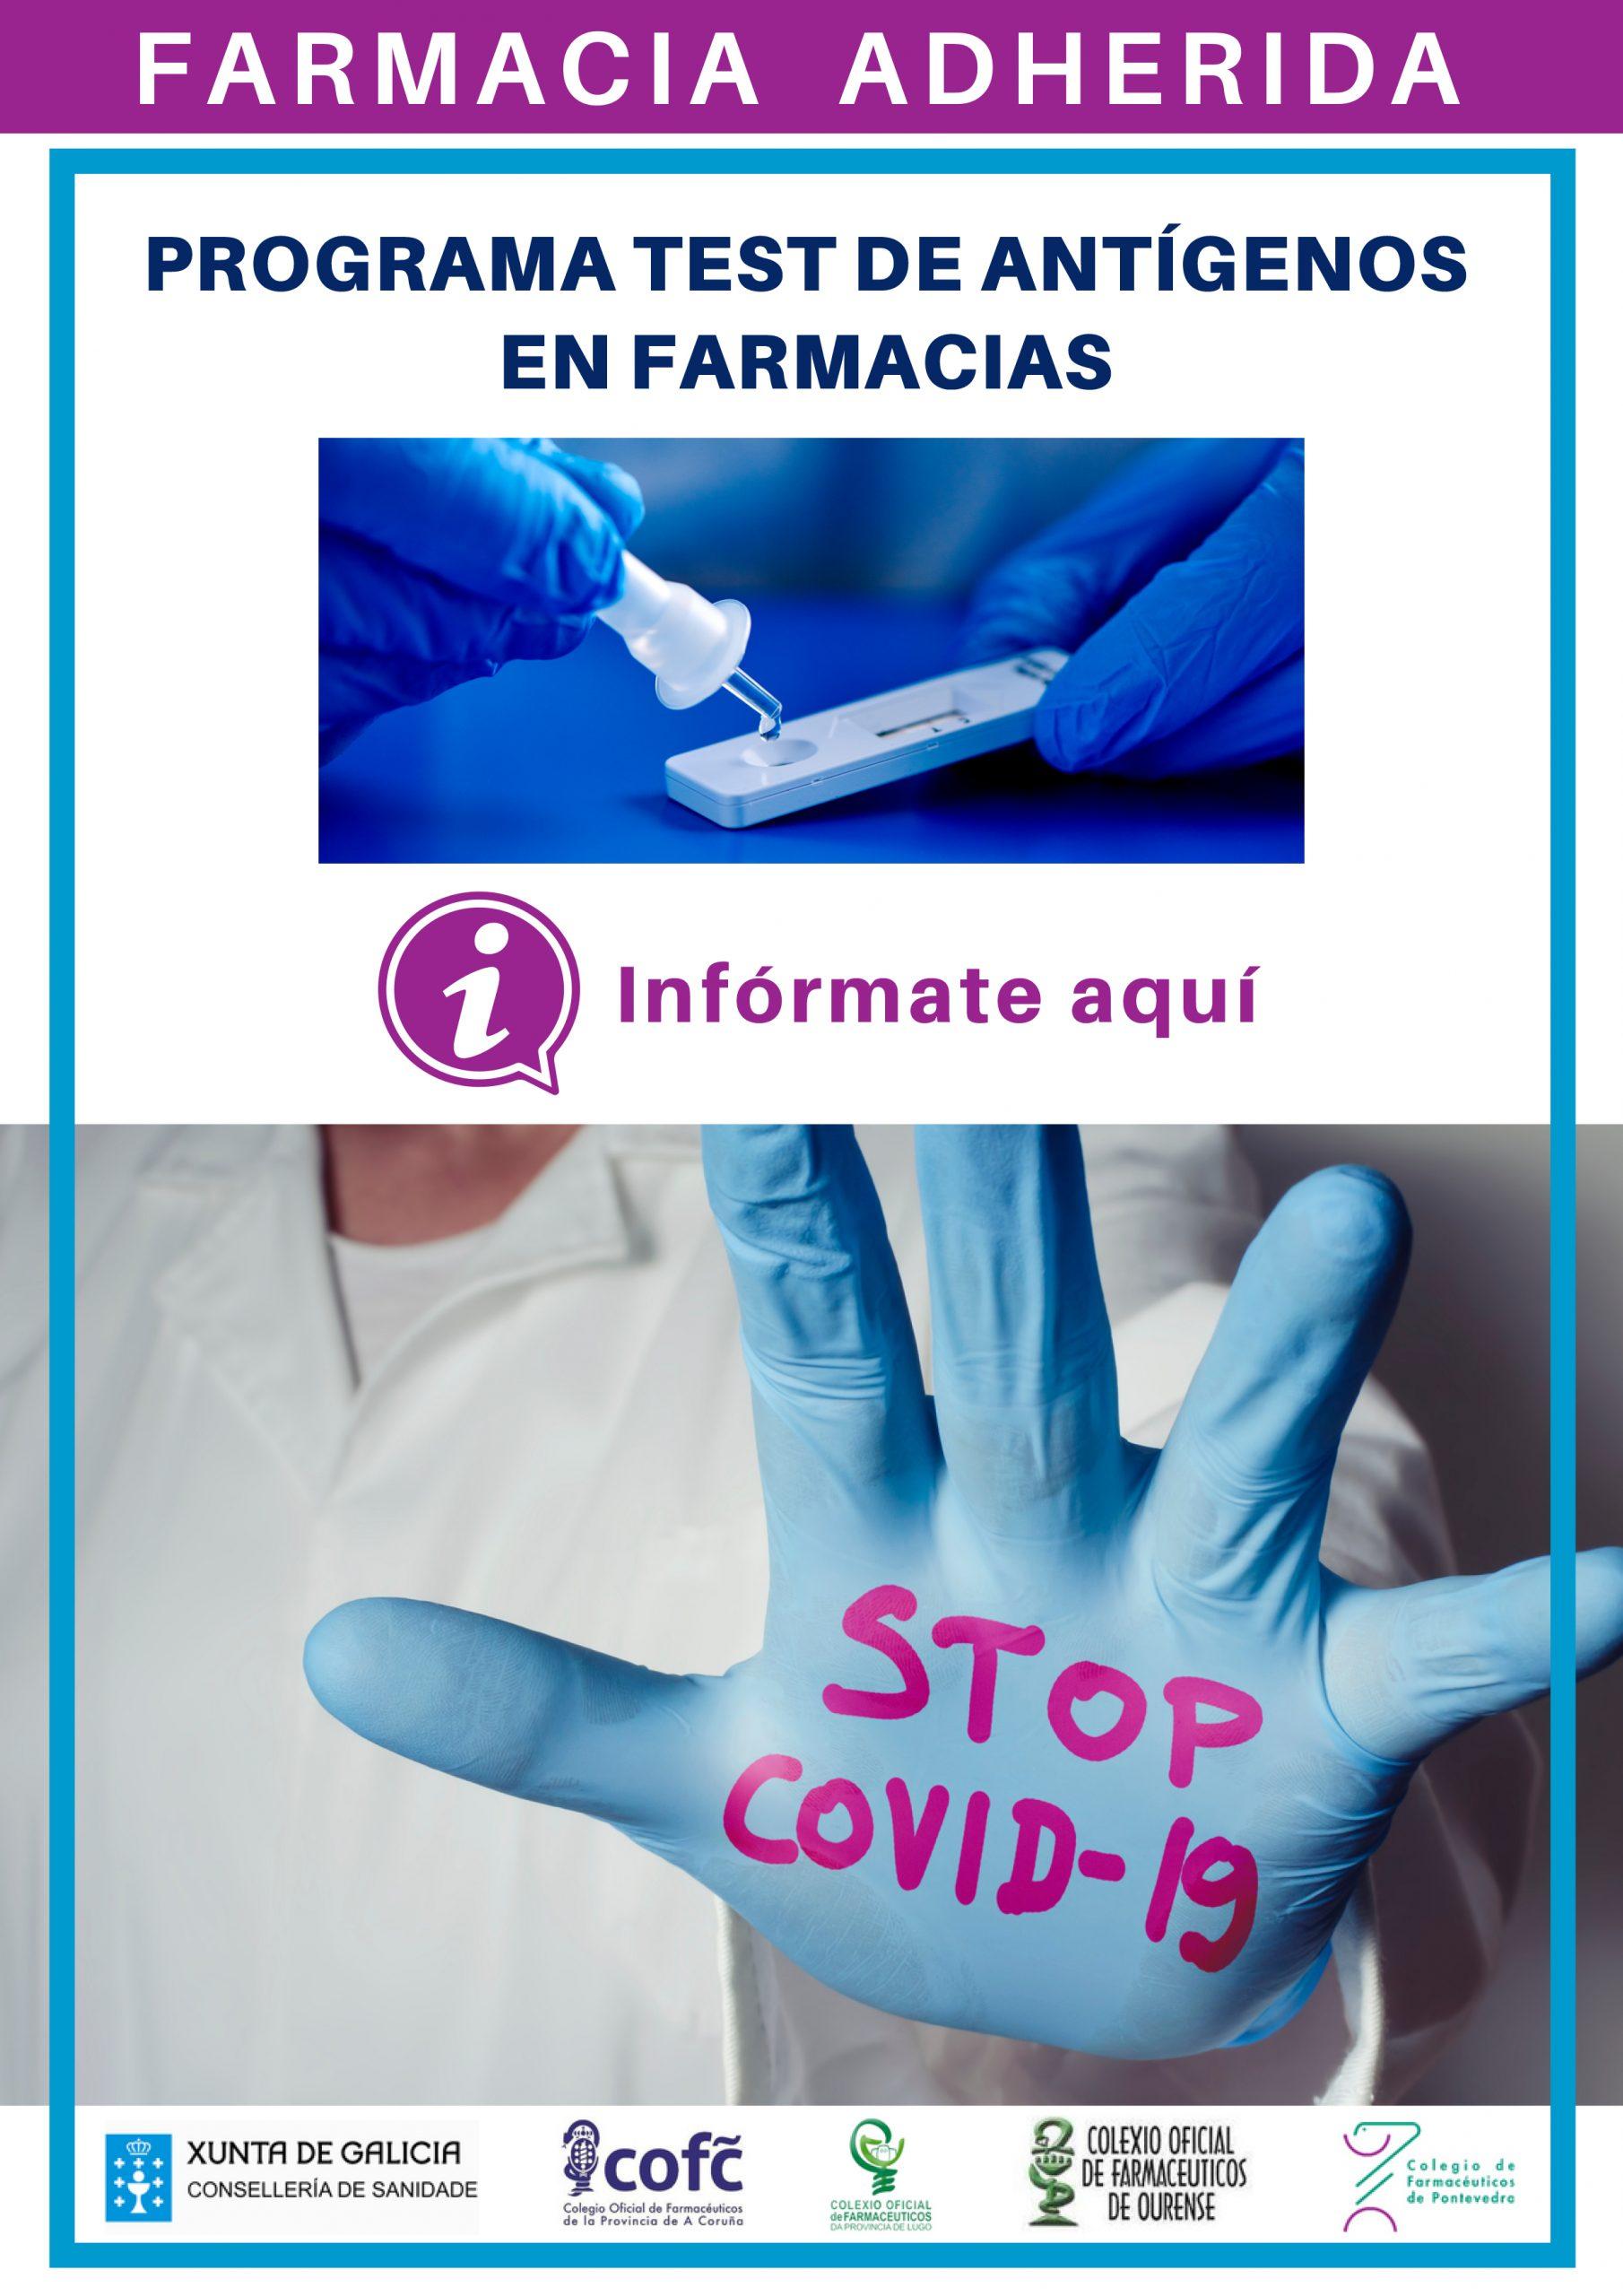 Los farmacéuticos procesan test de autodiagnóstico COVID-19 y comunican el resultado